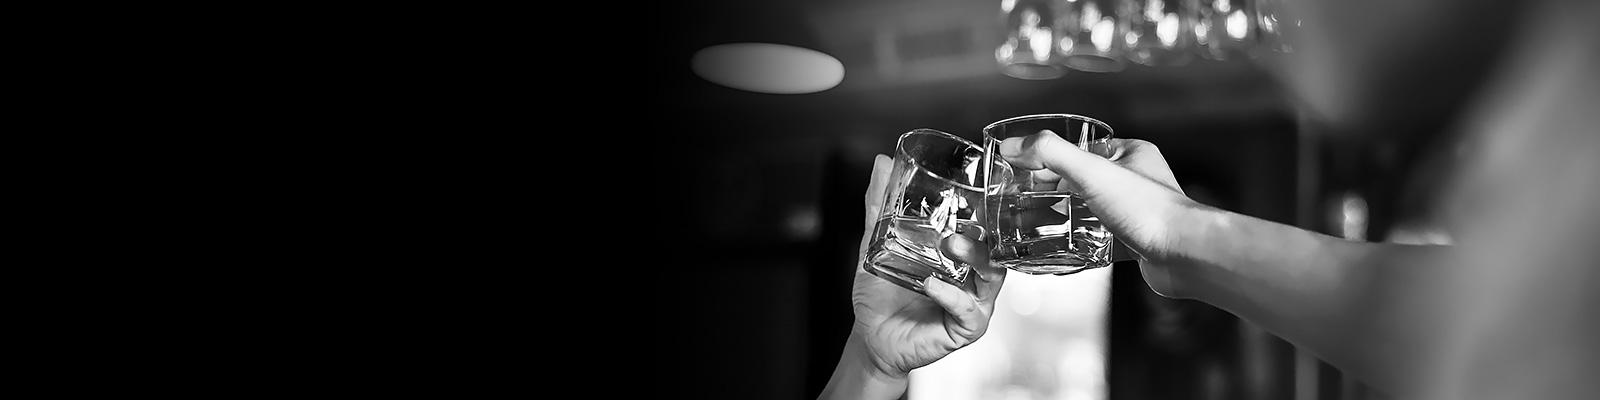 バー ウイスキー 乾杯 イメージ